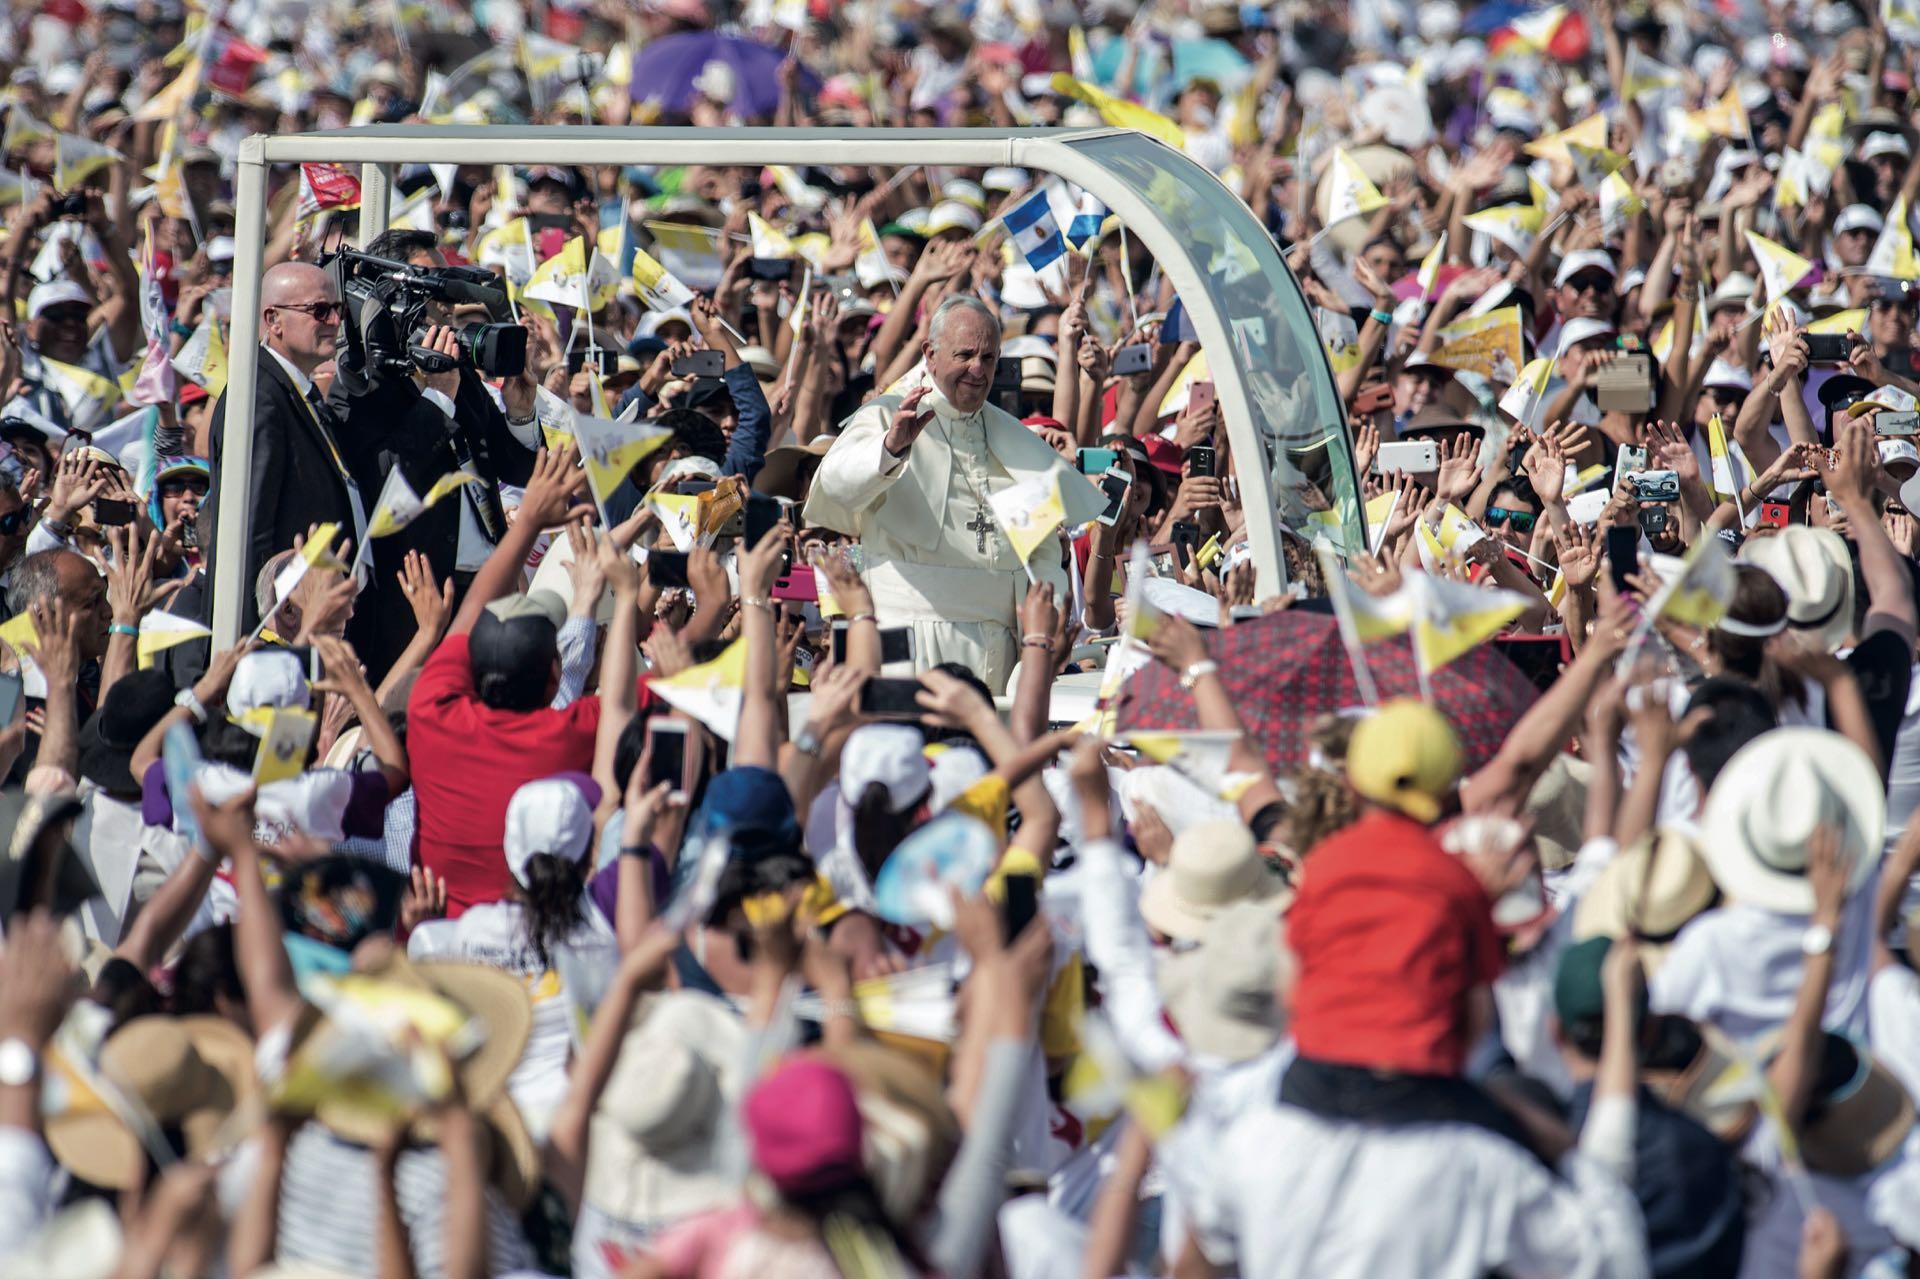 El Papamóvil abriéndose camino en la base aérea Las Palmas, en Lima